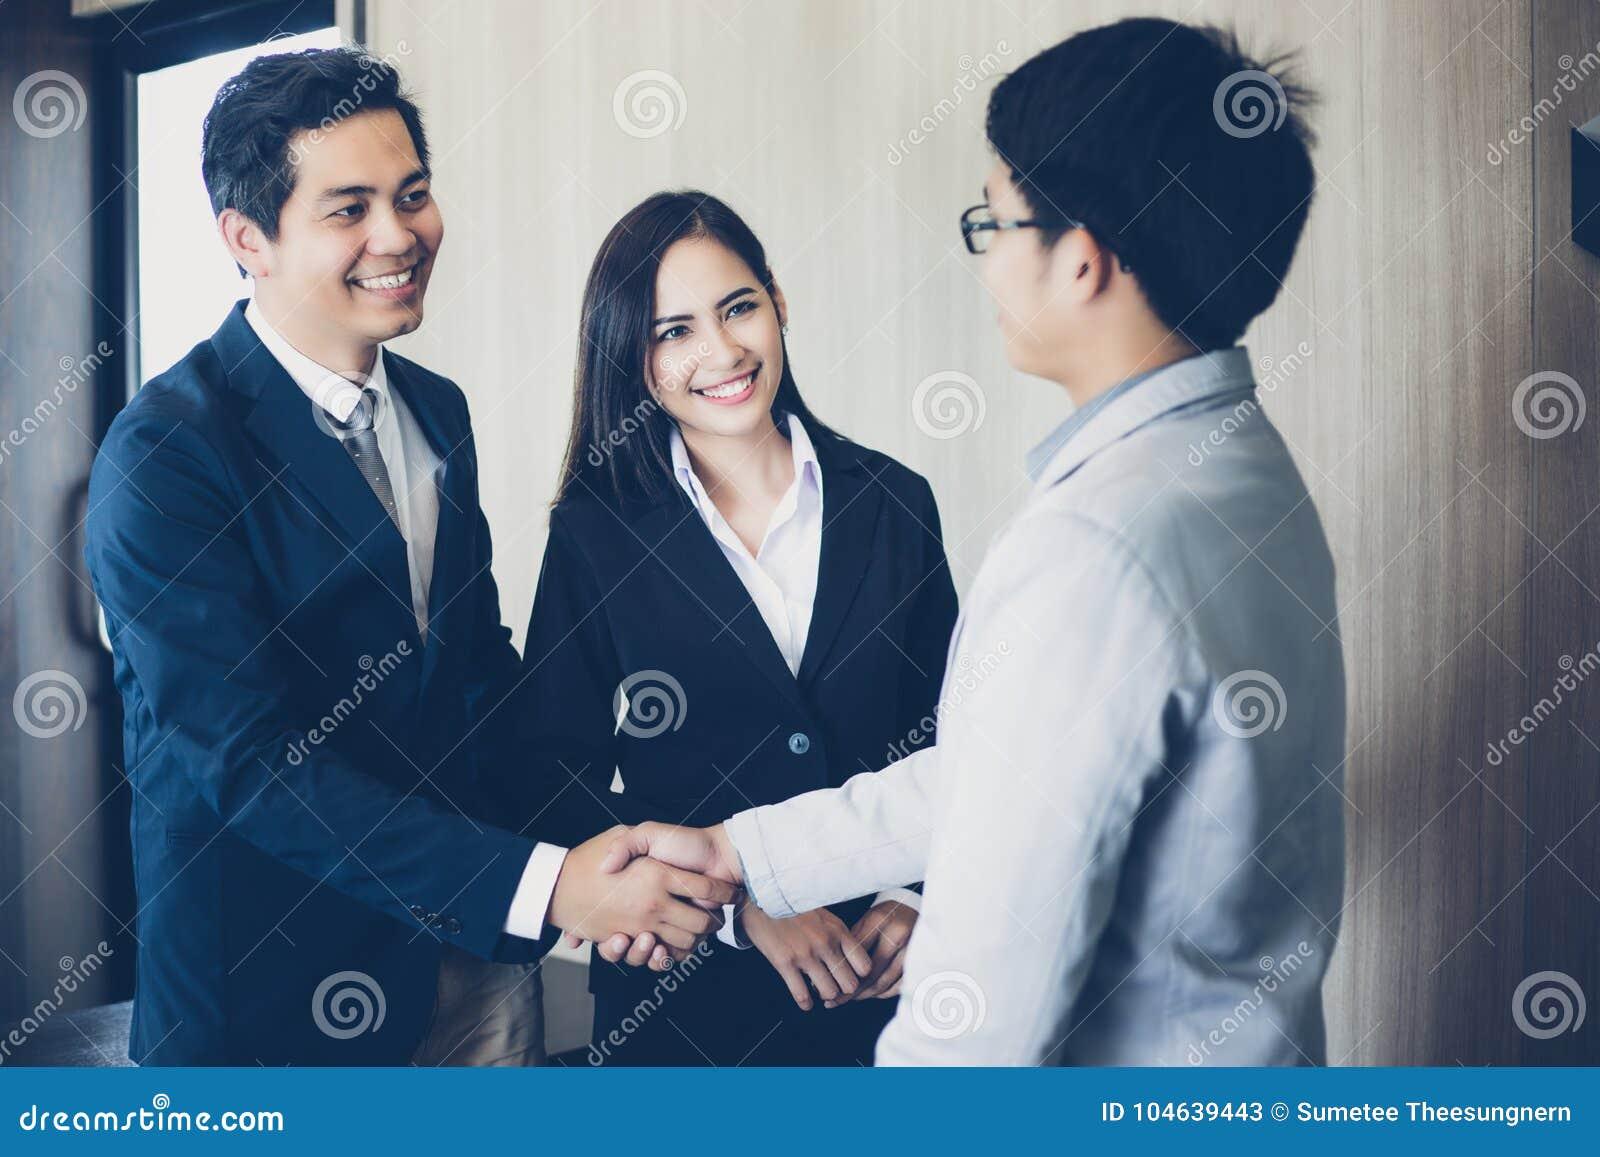 Download Aziatische Bedrijfsmensen Die Handen Schudden En Hun Overeenkomst Glimlachen Stock Afbeelding - Afbeelding bestaande uit uitvoerend, wijfje: 104639443